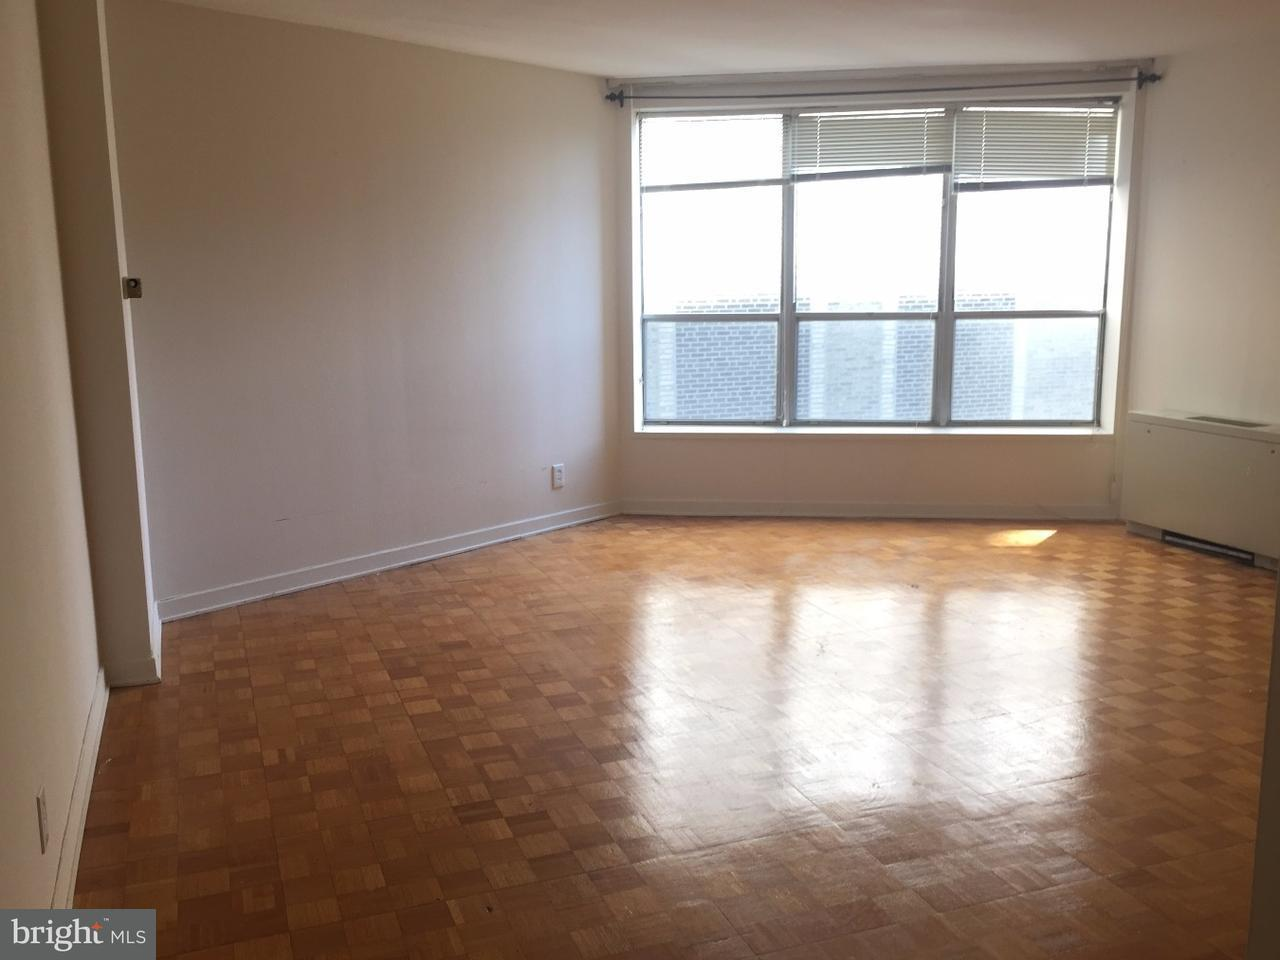 独户住宅 为 出租 在 224 W RITTENHOUSE SQ #2303 费城, 宾夕法尼亚州 19103 美国